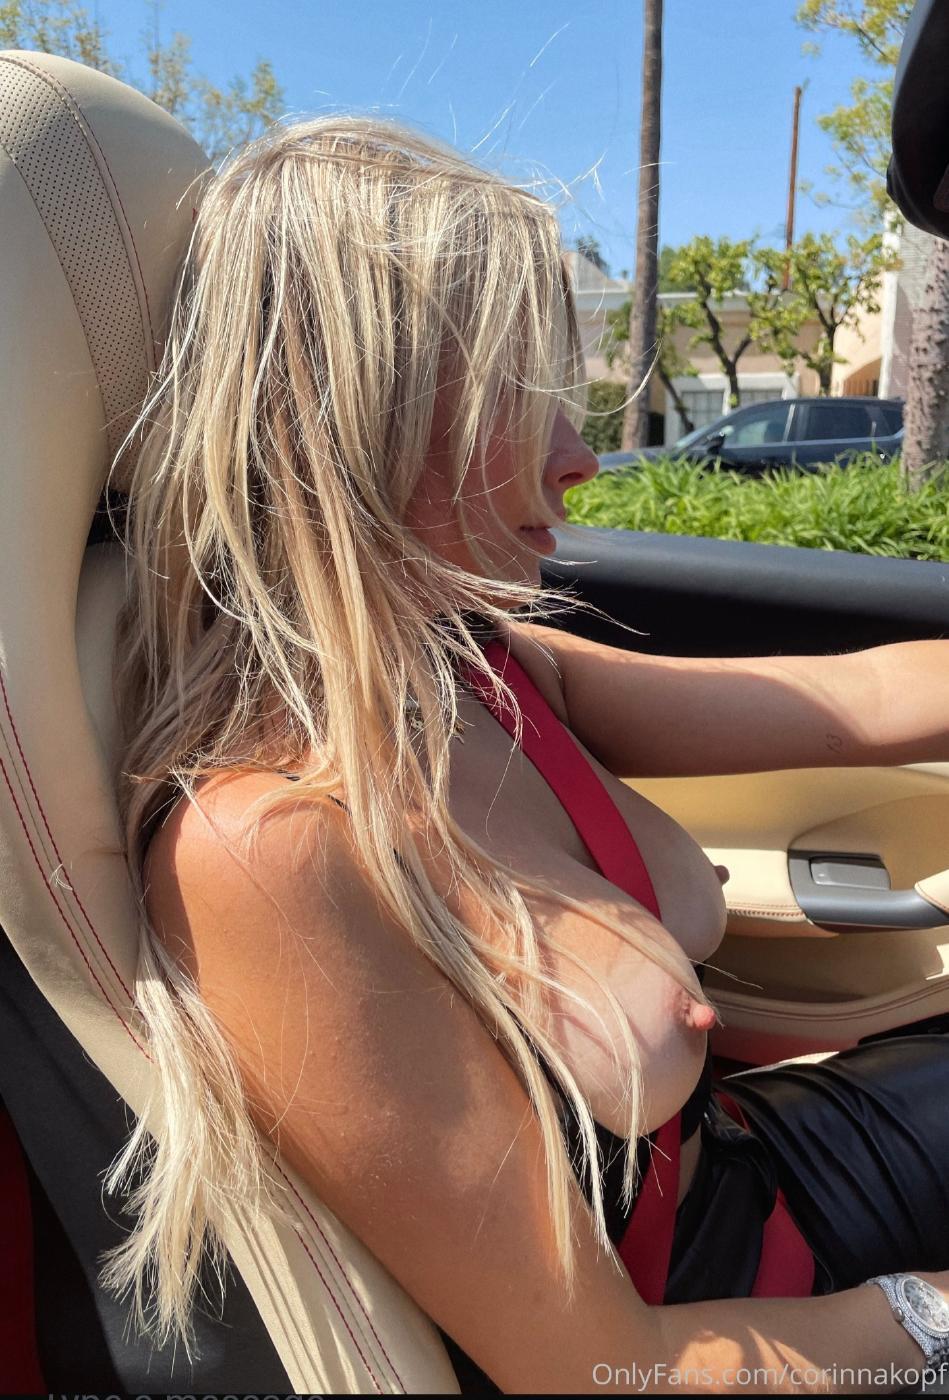 Corinna Kopf Topless Onlyfans Leaked Sdahnu